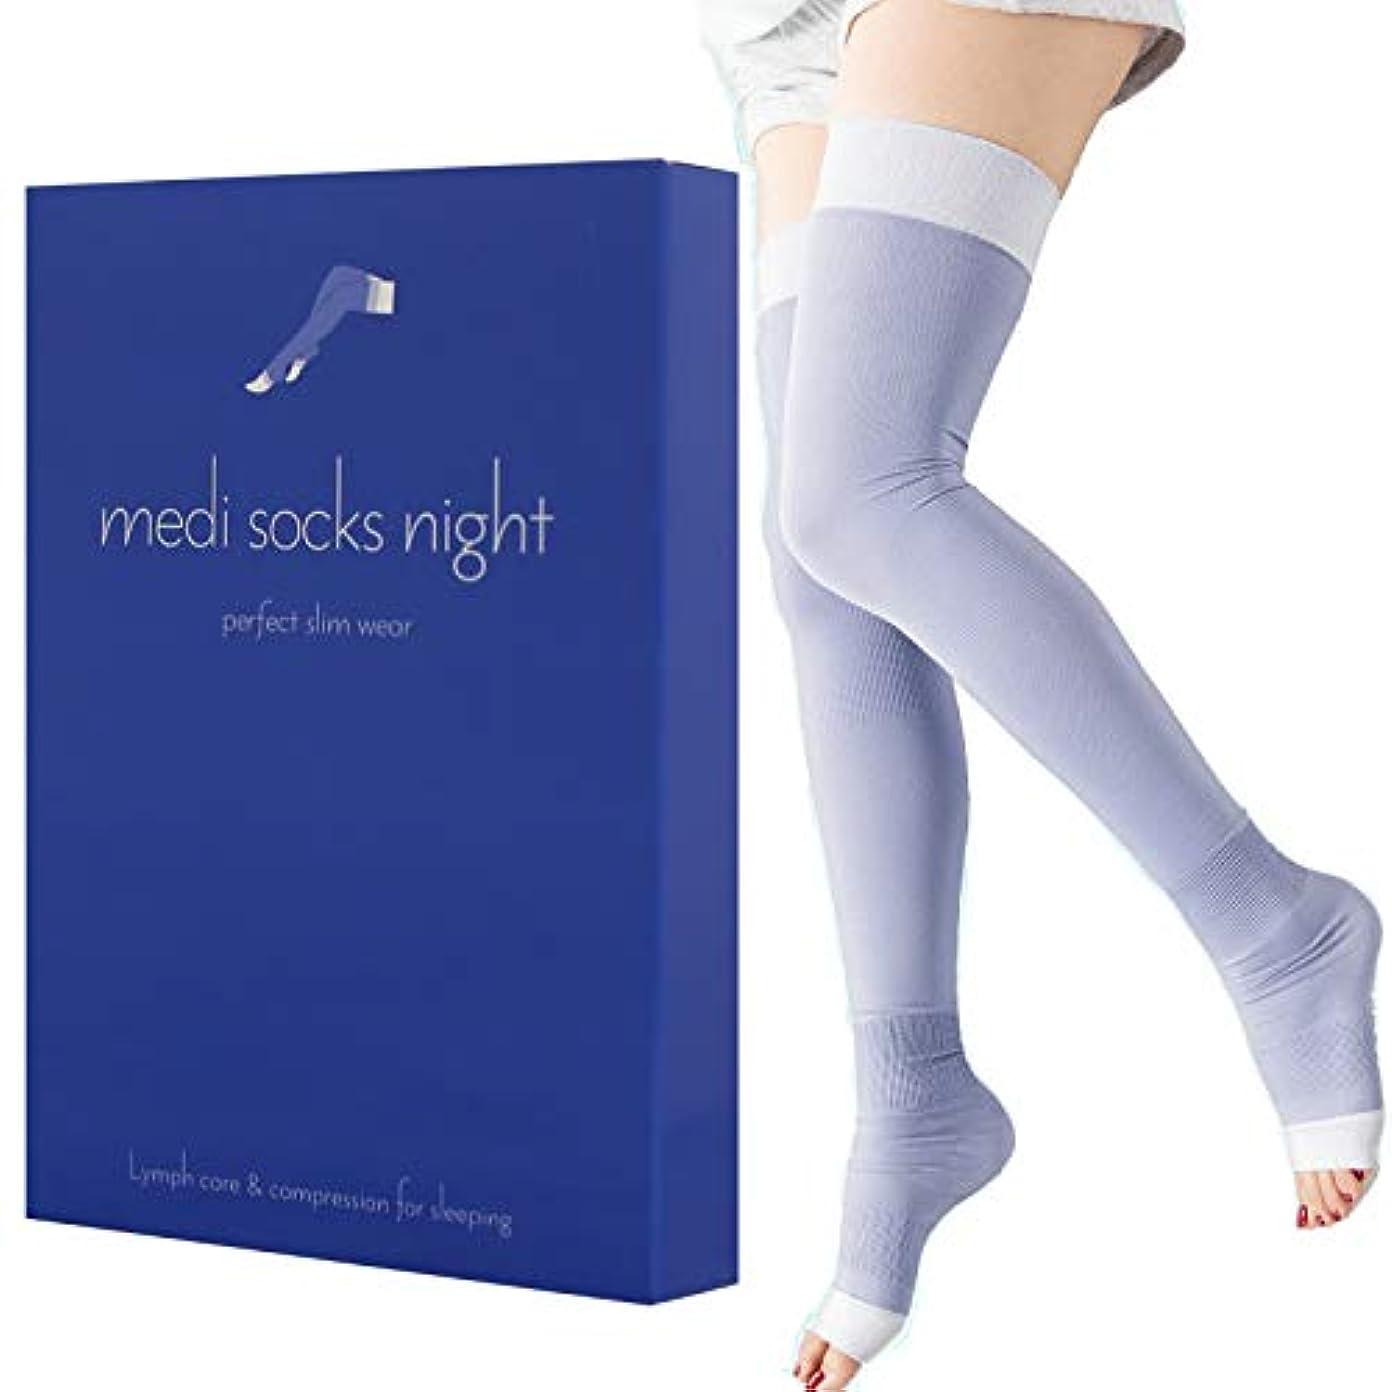 抽選アンテナ変換メディソックスナイト ~medi socks night~ Mサイズ